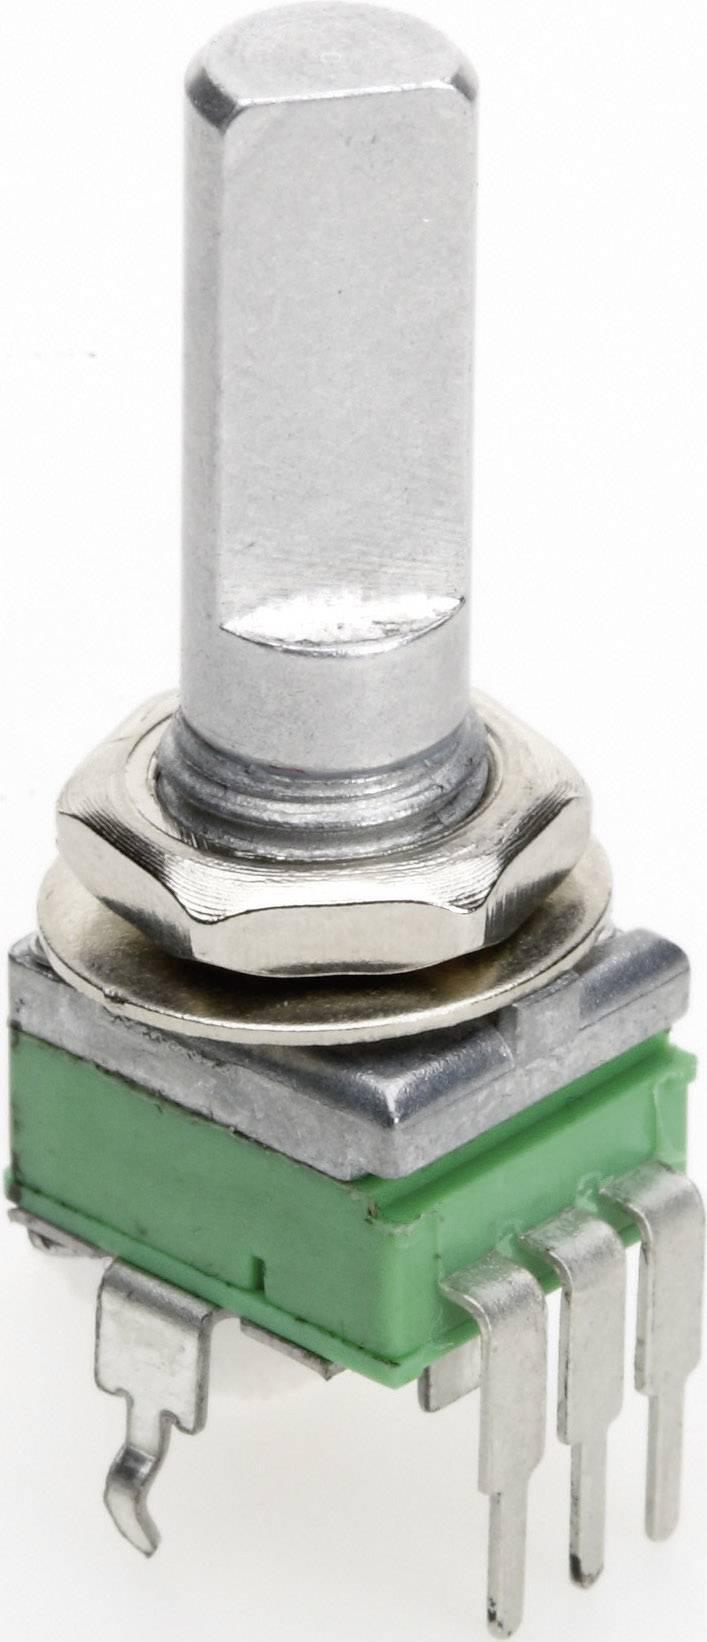 Cermetový potenciometer TT Electro, 4113102900, 5 kΩ, ± 20%